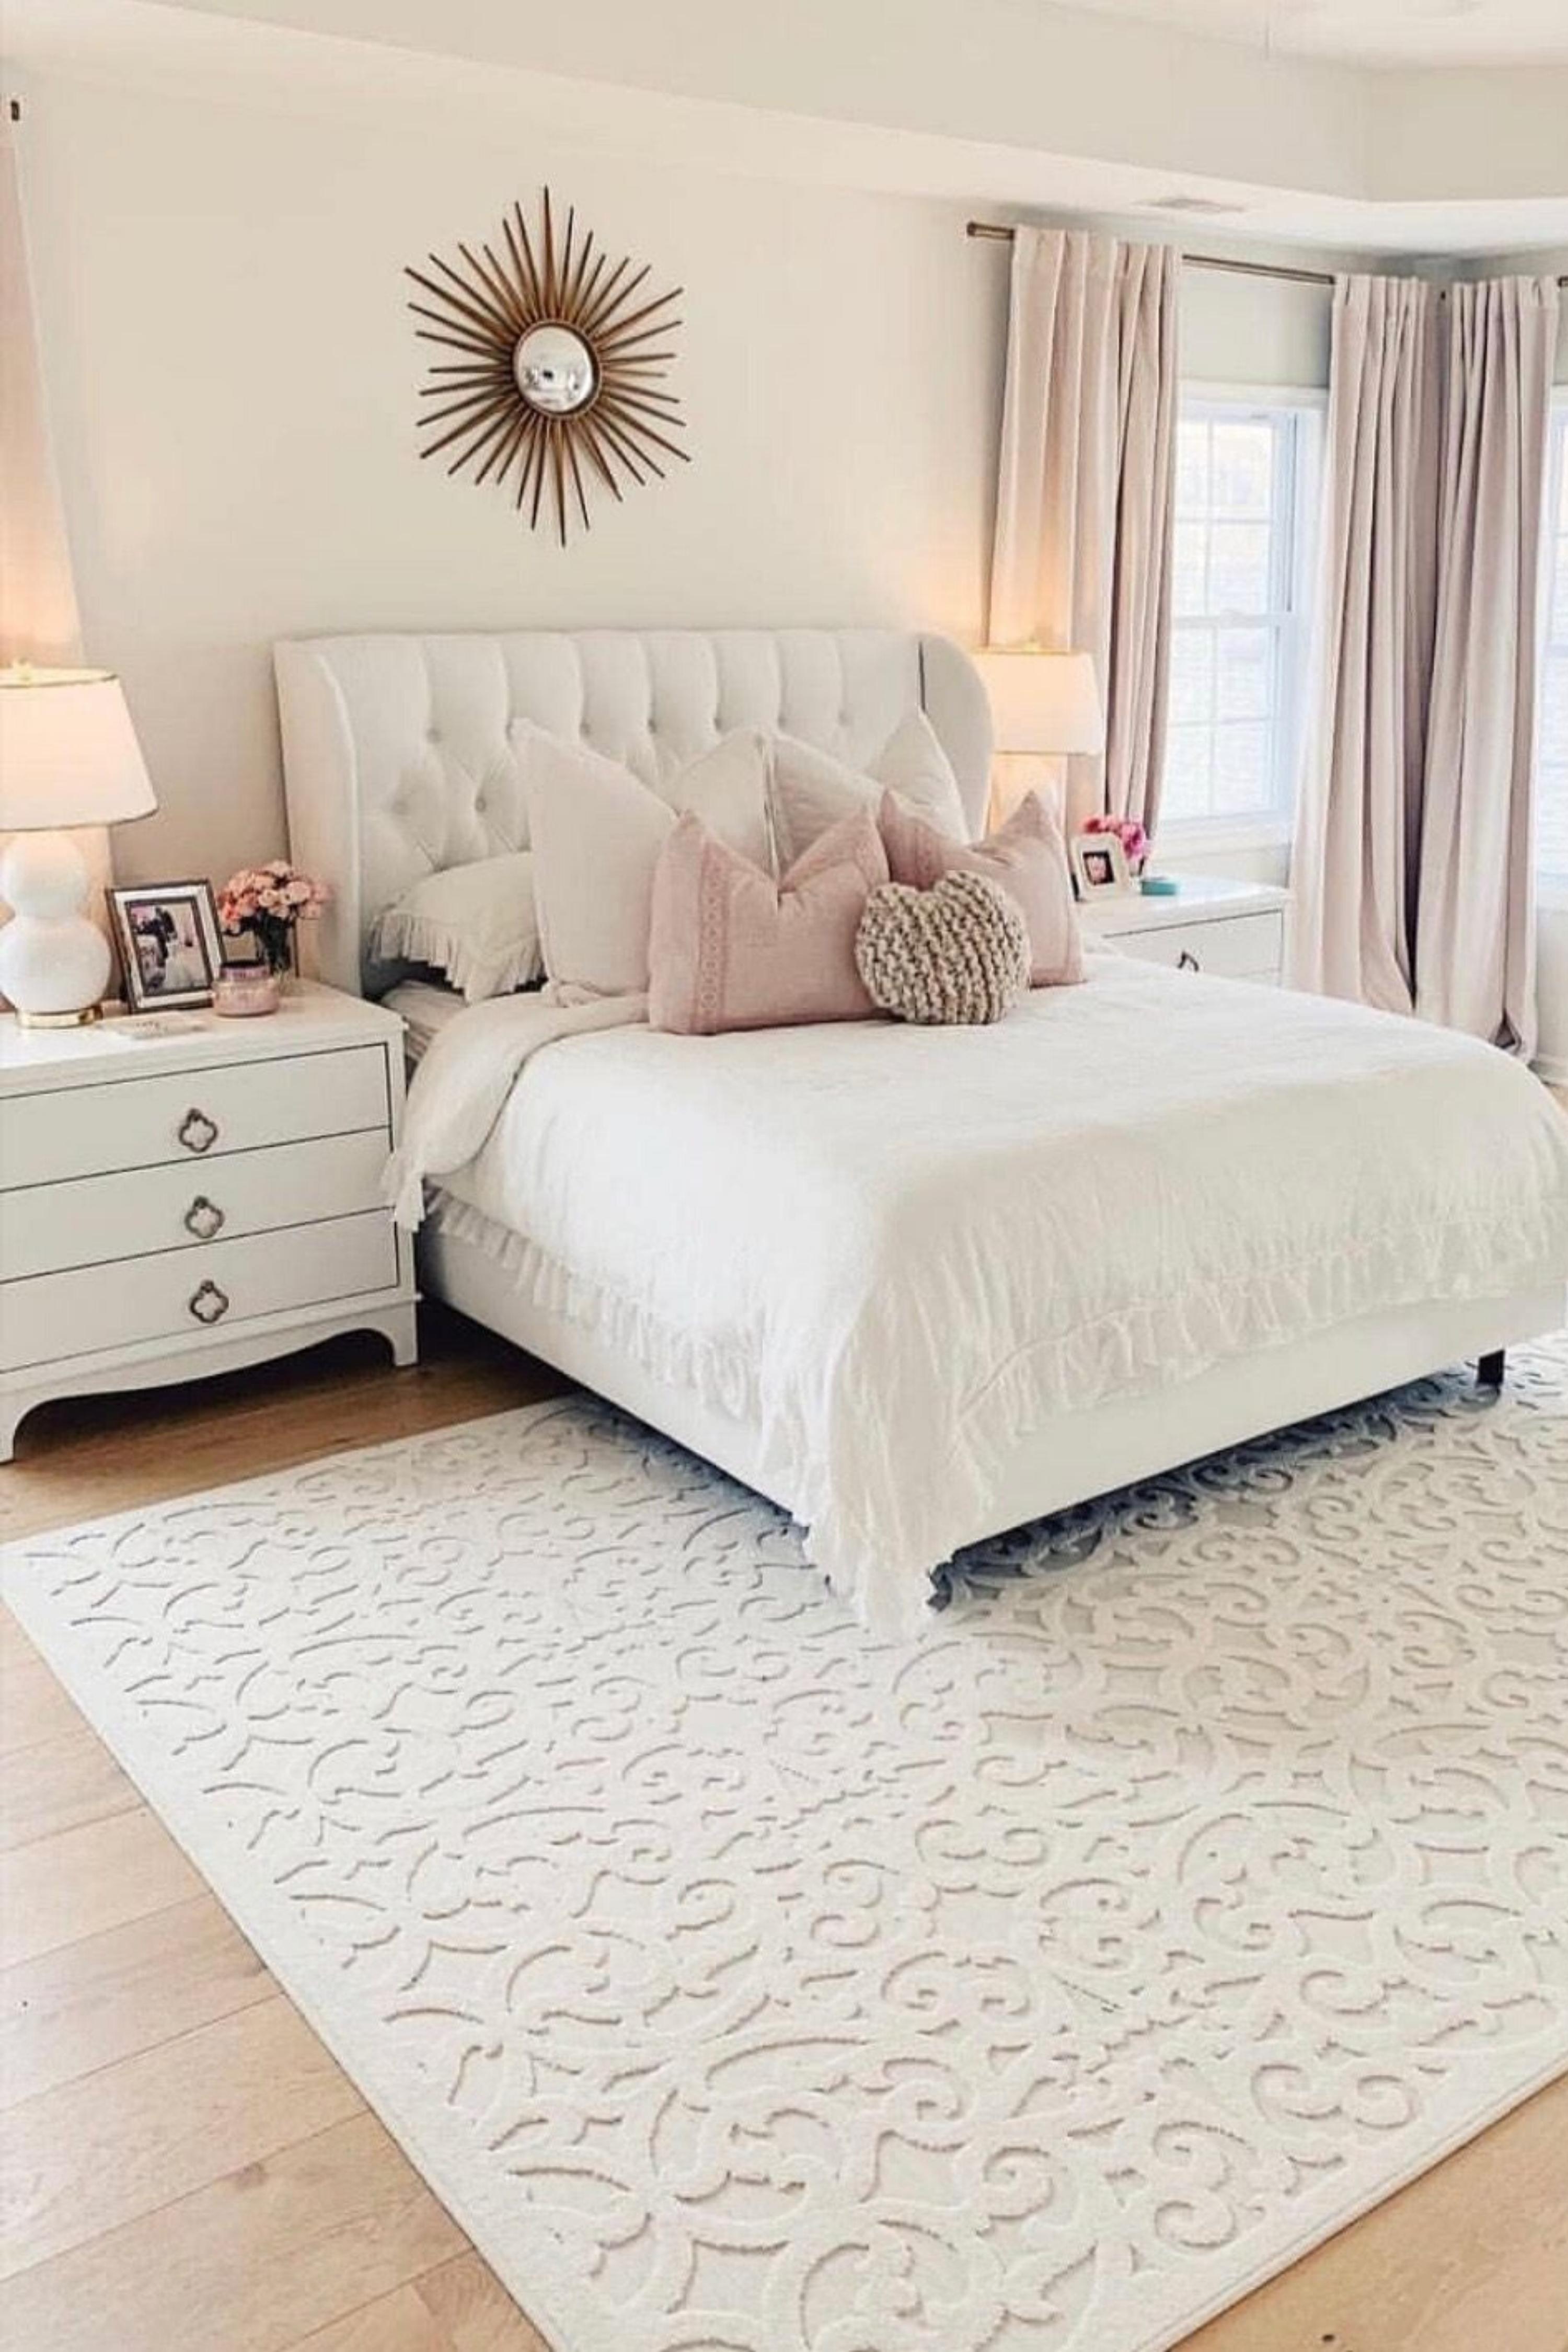 bedroom decor stores near me #bedroom decor luxury #bedroom decor